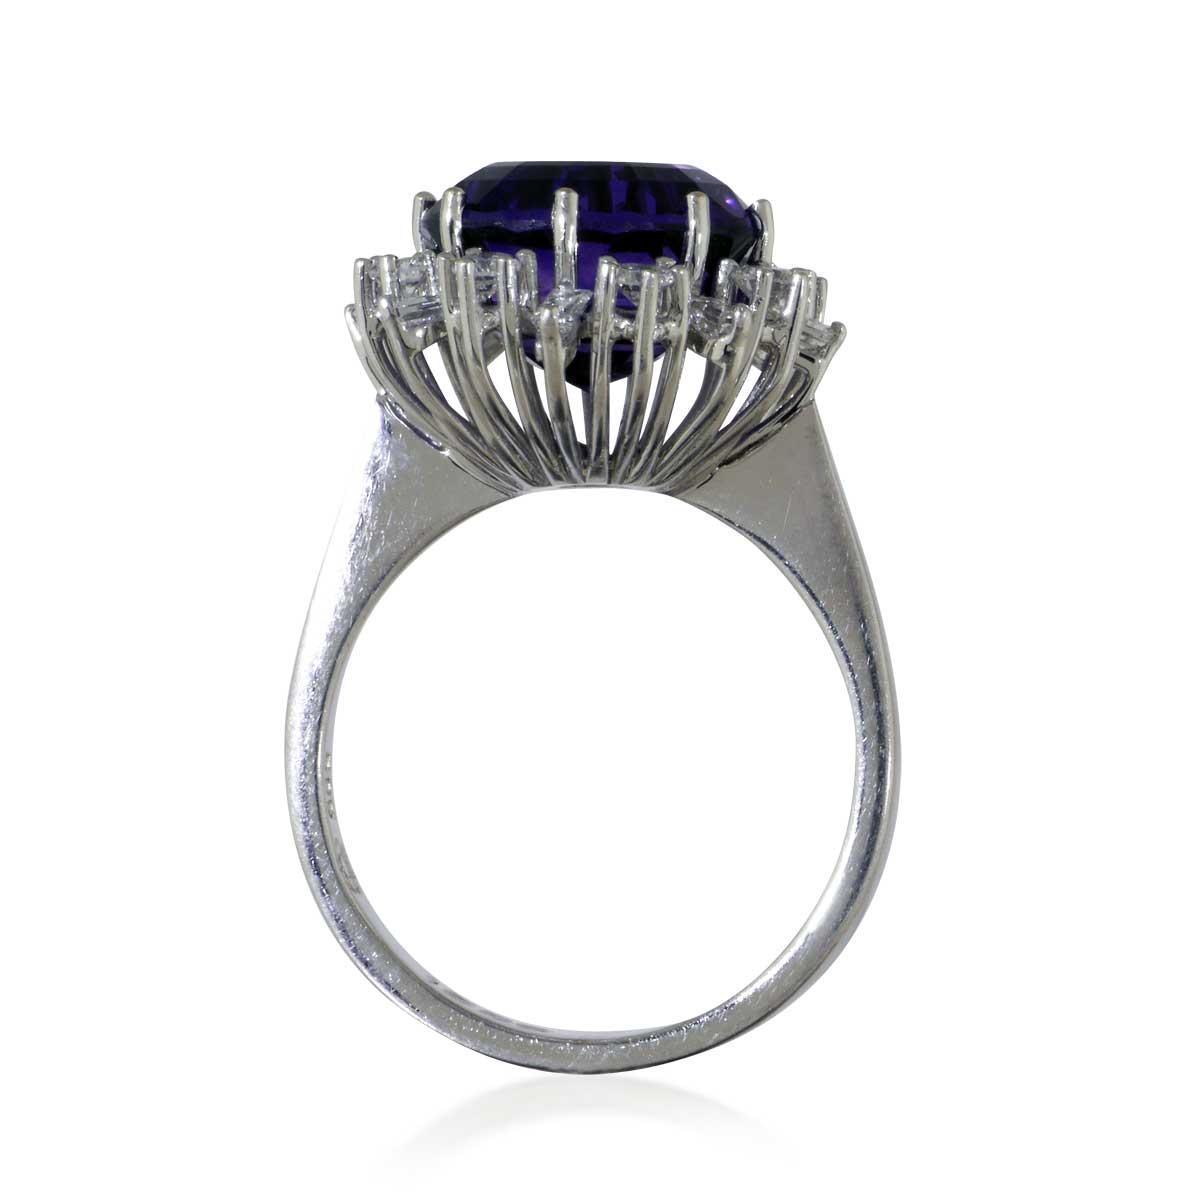 amethyst diamant ring mit 0 90ct diamanten und einem facettierten 42 77ct amethyst schmuck. Black Bedroom Furniture Sets. Home Design Ideas